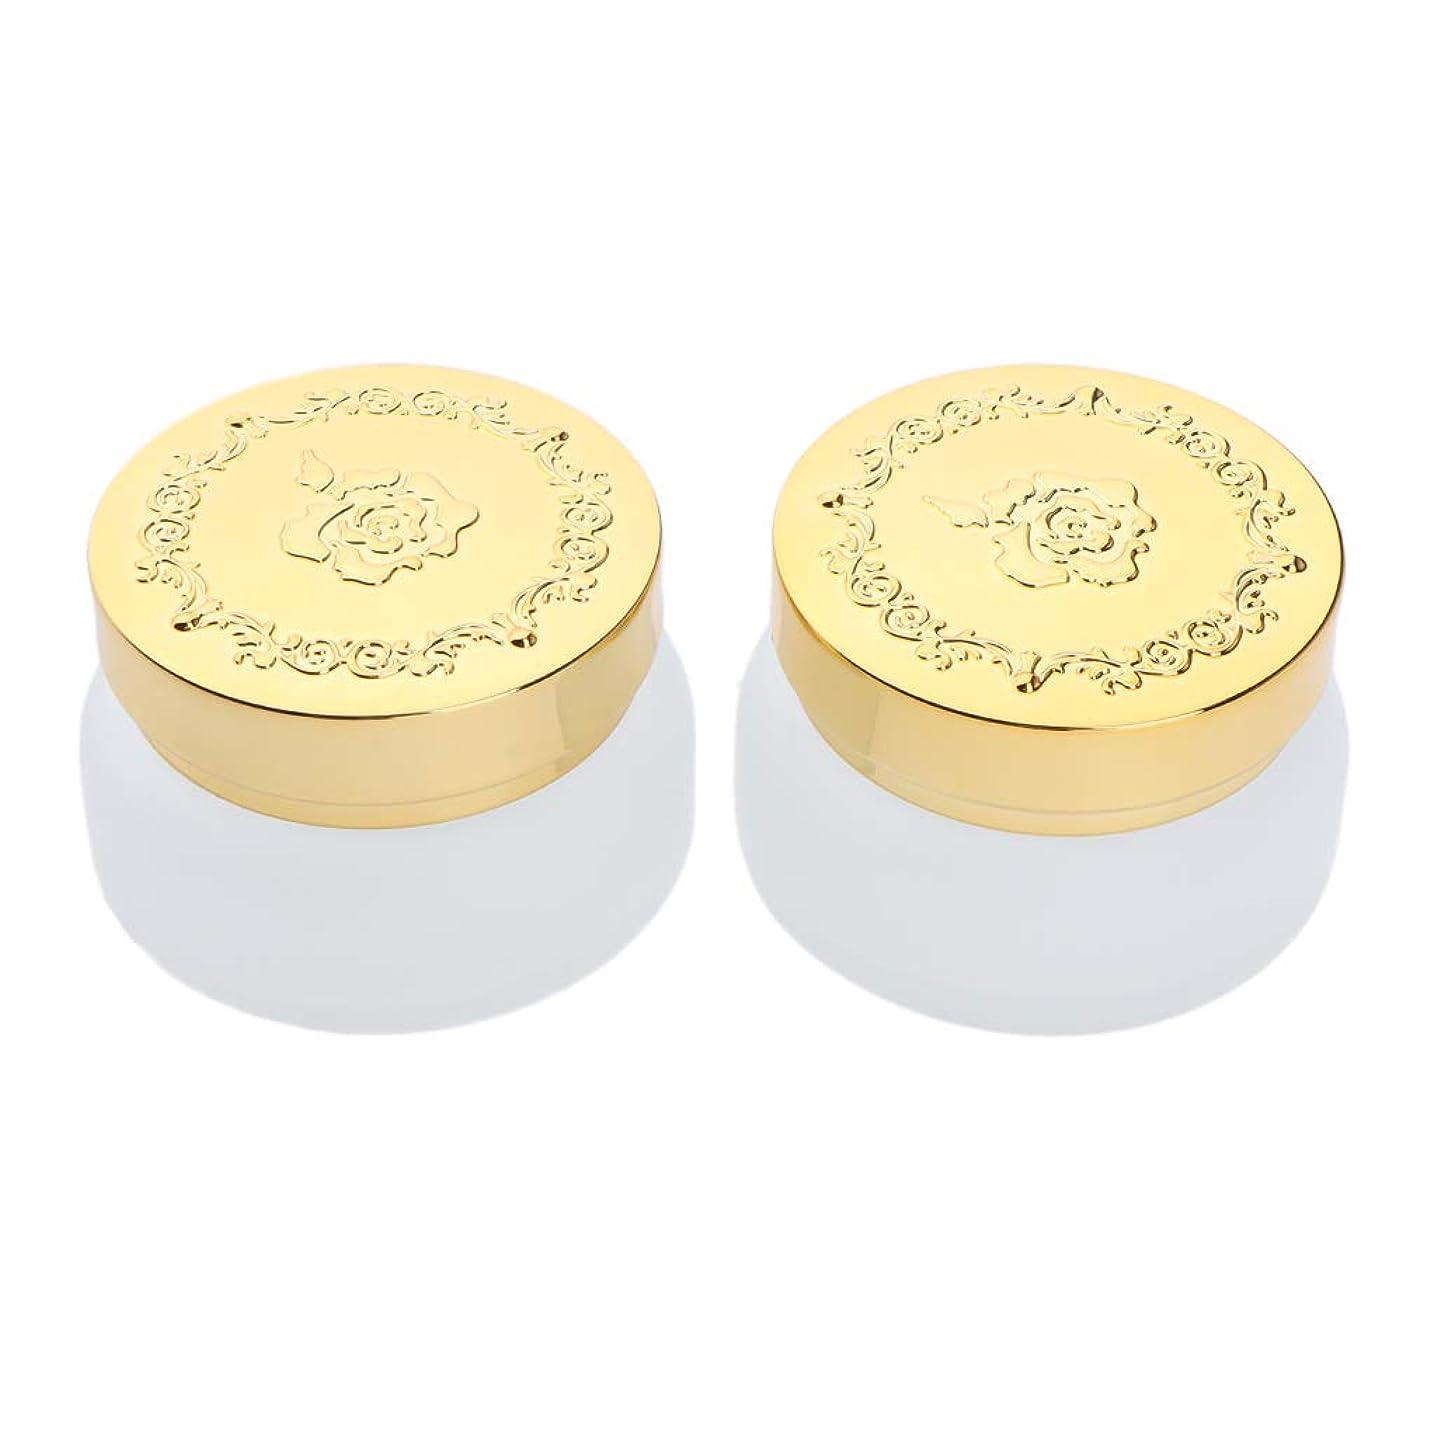 昇進薬を飲む能力T TOOYFUL 2倍空ガラスメイクアップクリームジャー化粧品詰め替え容器30 / 50g - 30g